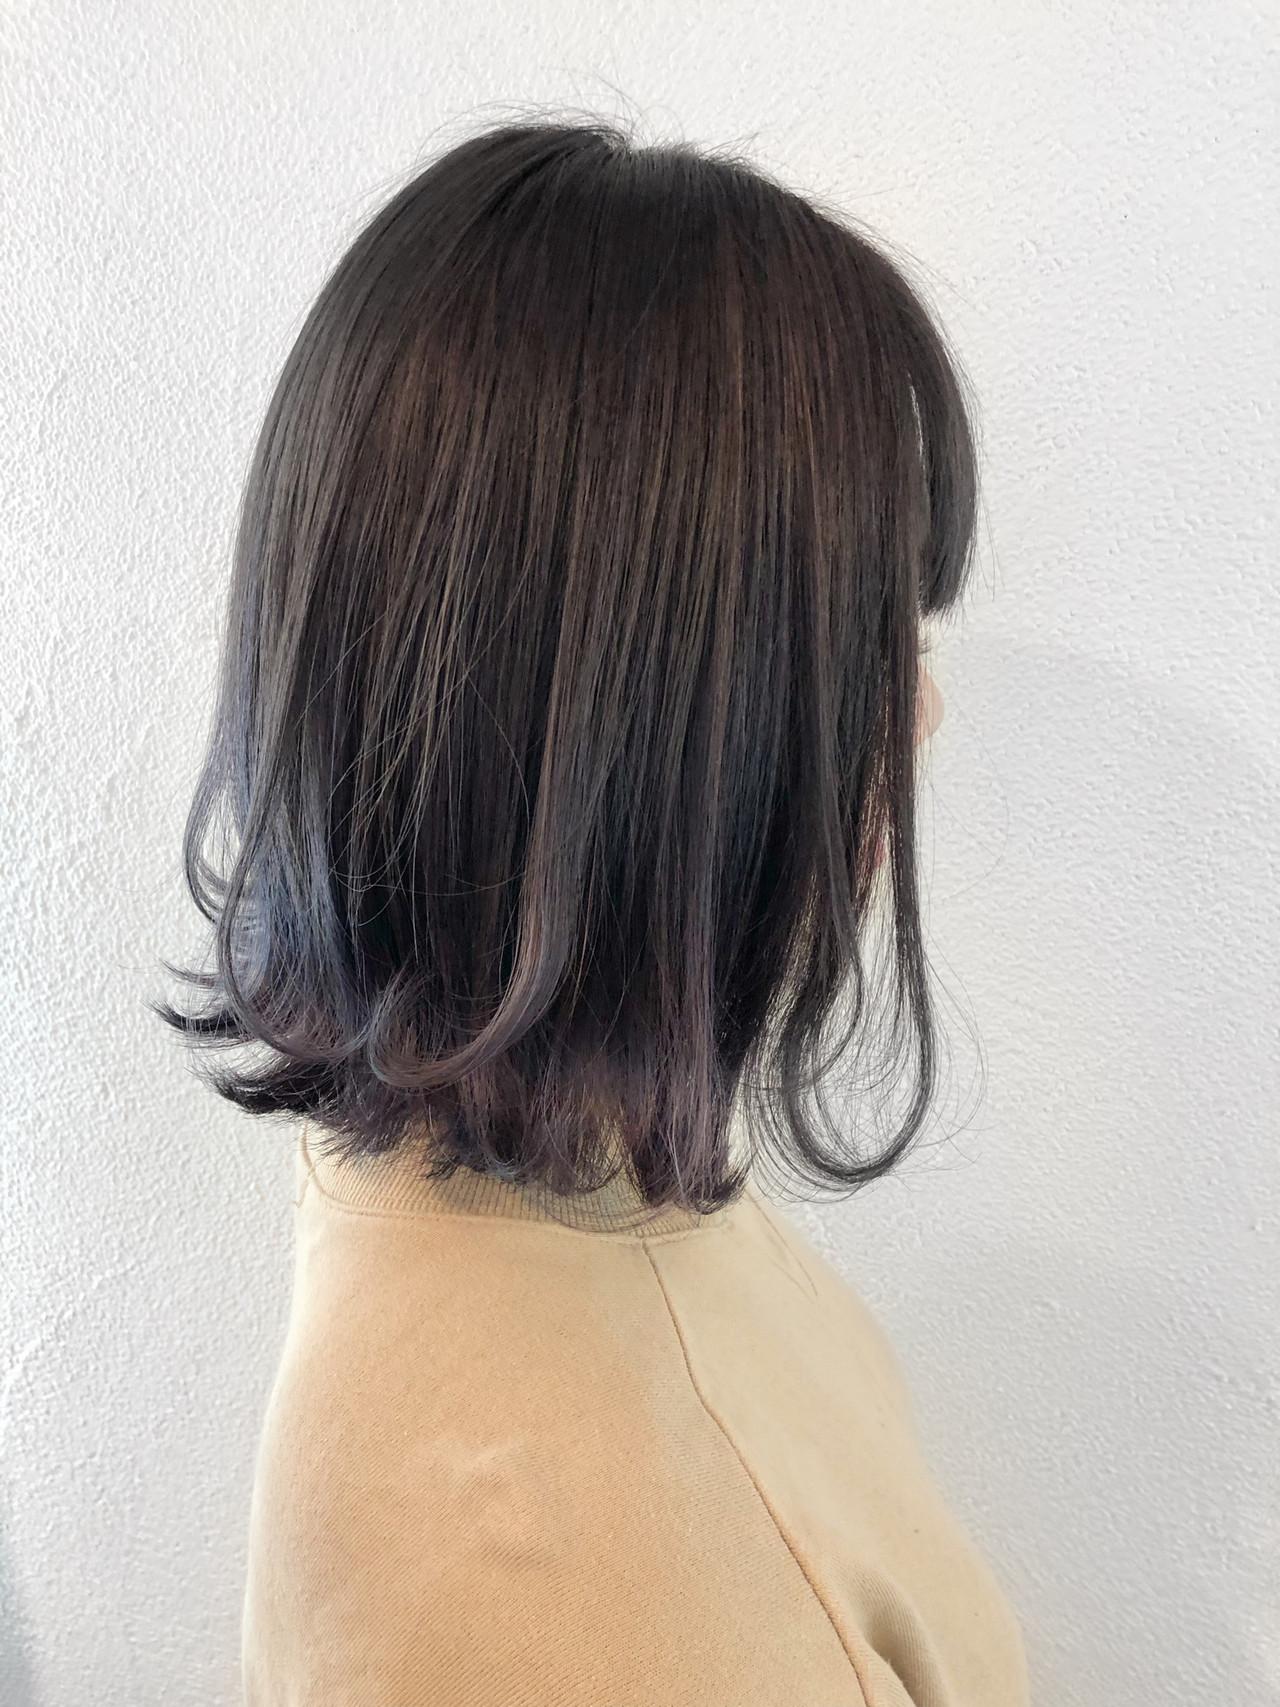 グレージュ グラデーションカラー ボブ フェミニン ヘアスタイルや髪型の写真・画像